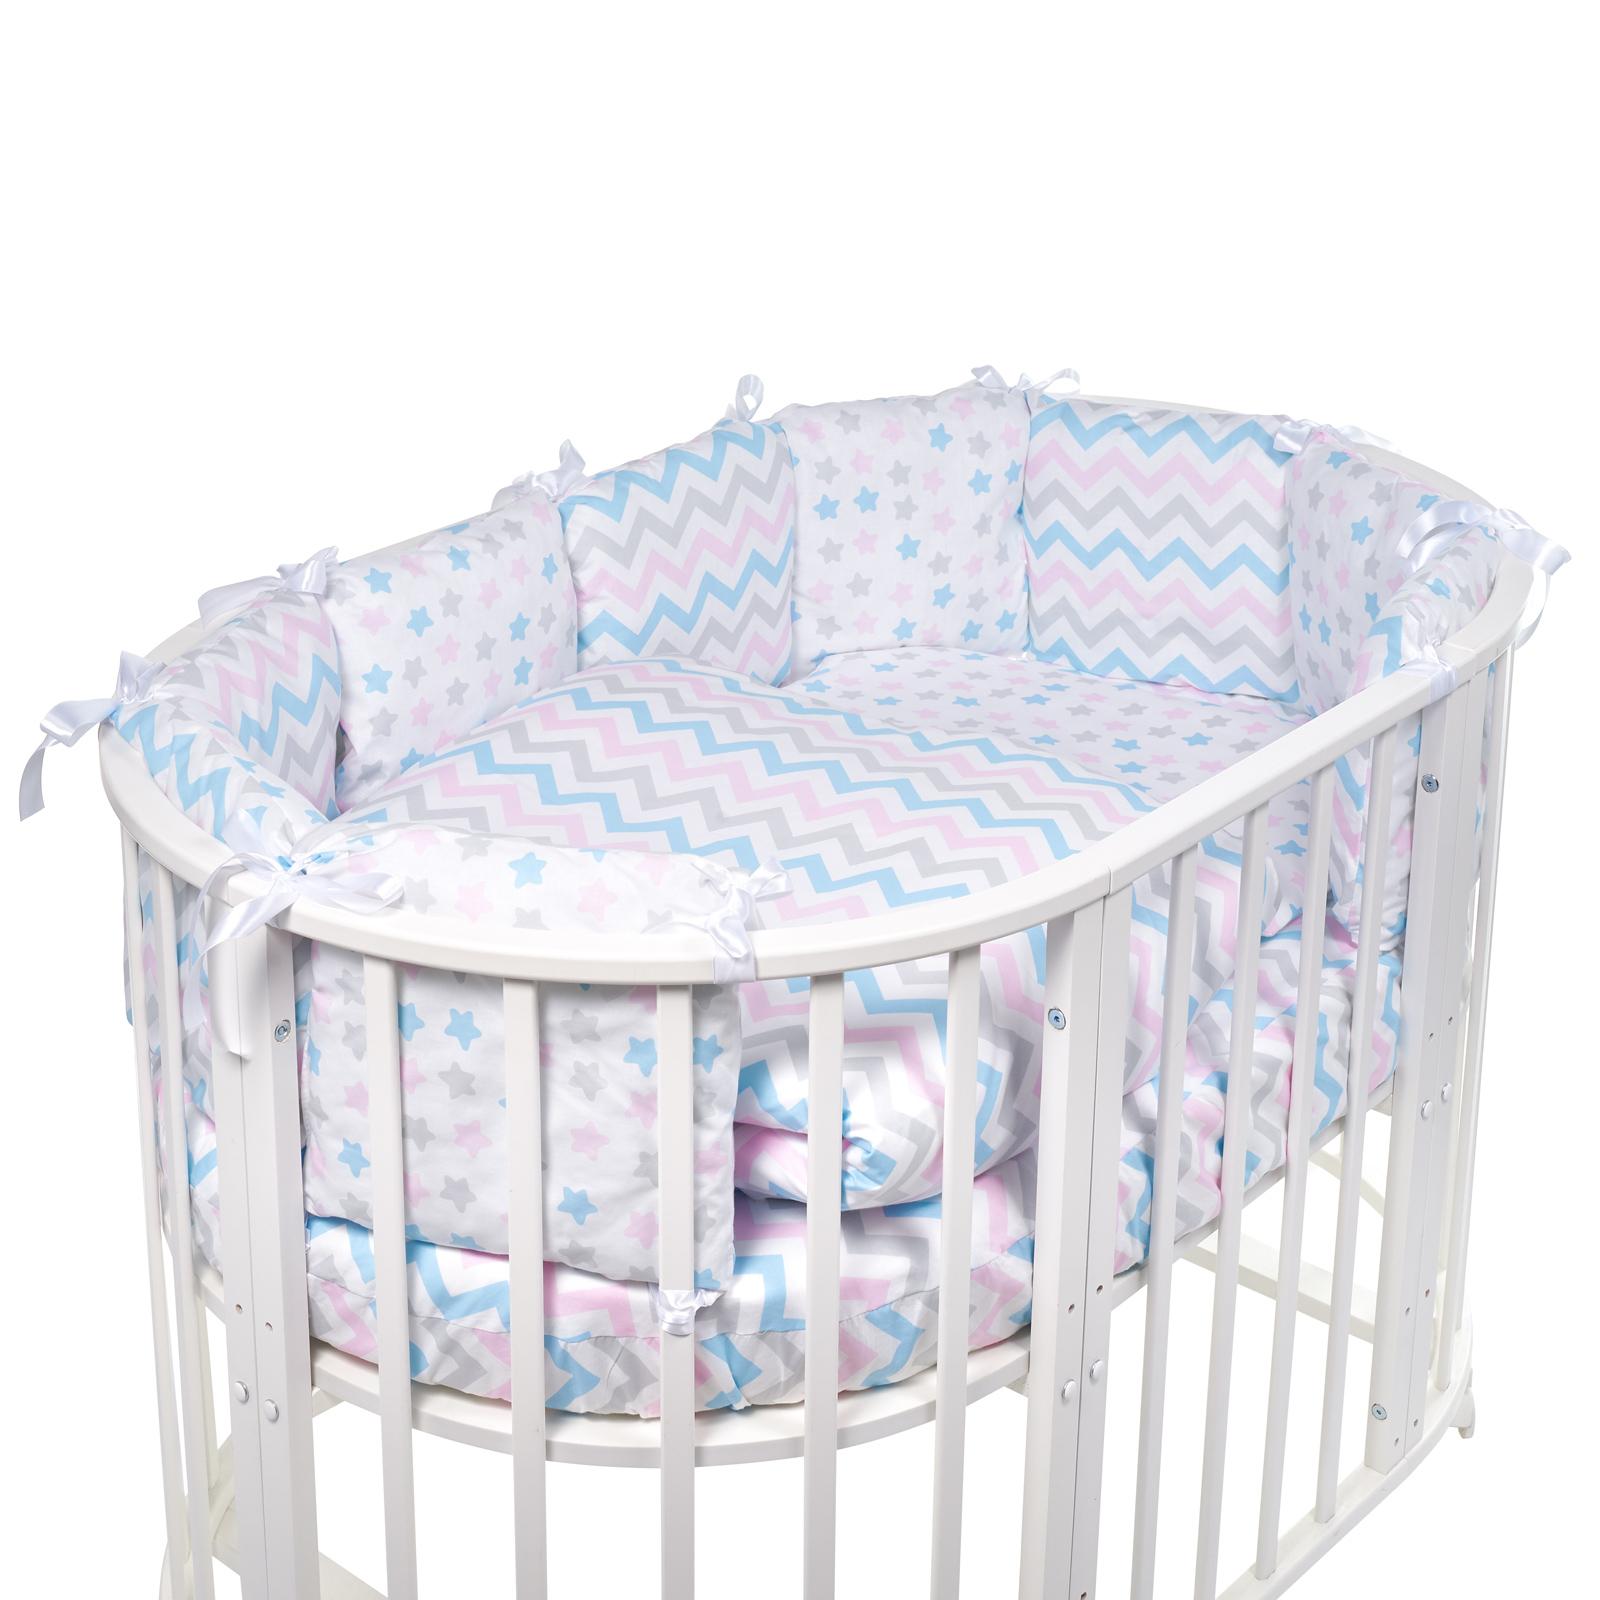 Постельные принадлежности Sweet Baby Комплект в овальную кроватку Sweet Baby Lunedi Bianco 5 пр. honeymammy бортики подушки в кроватку clouds